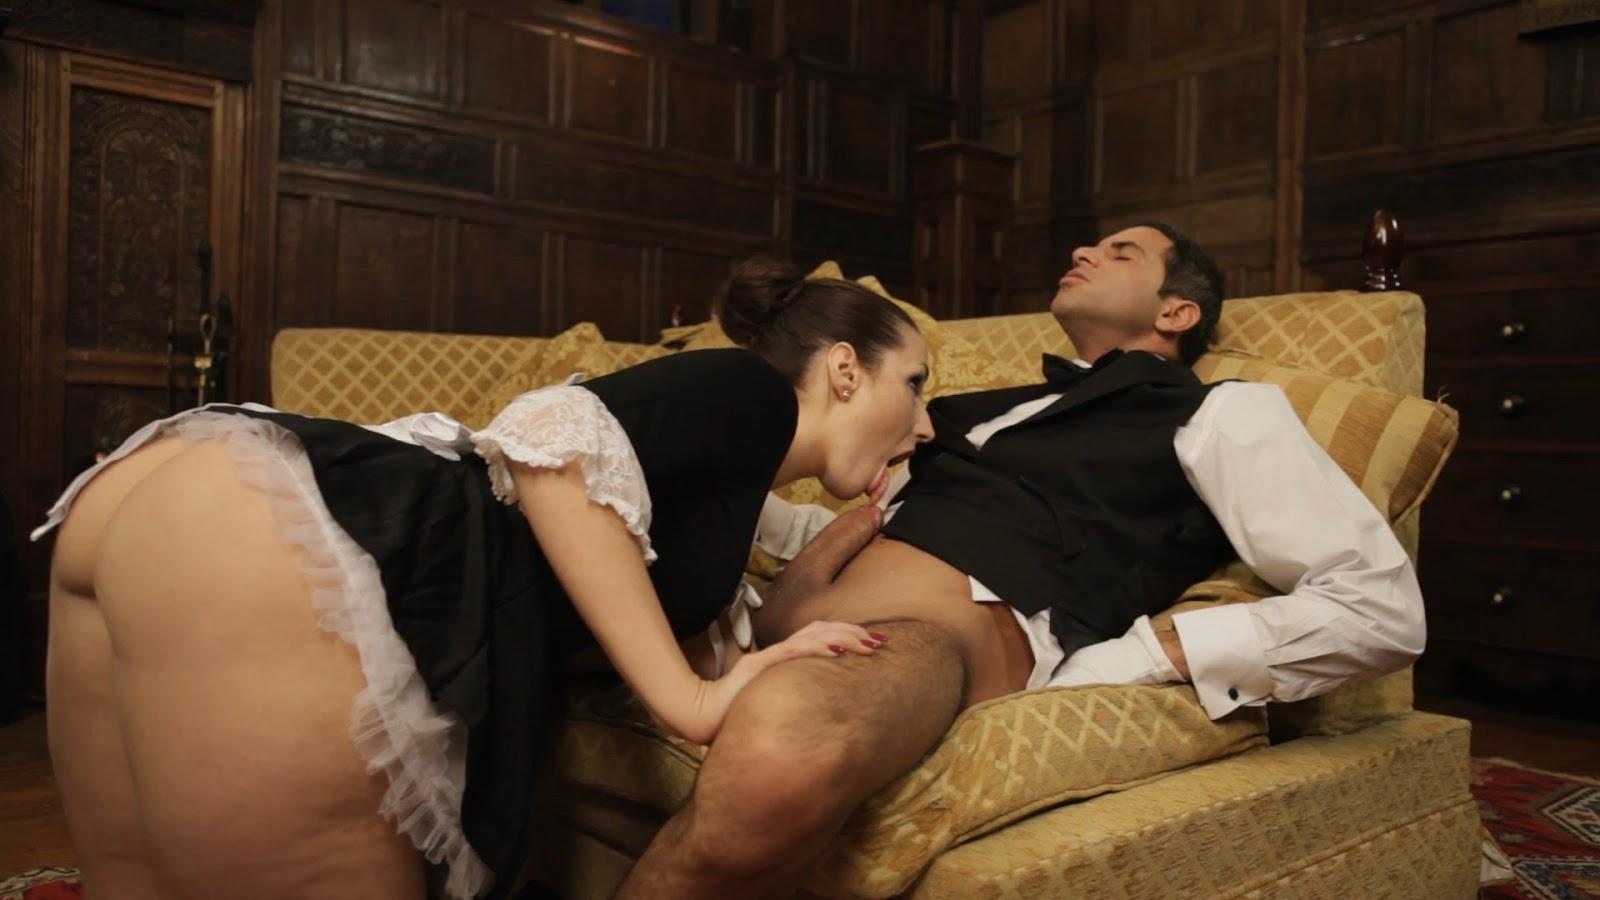 Царицы и их слуги в порно, секс обычный частный и домашнеевидео